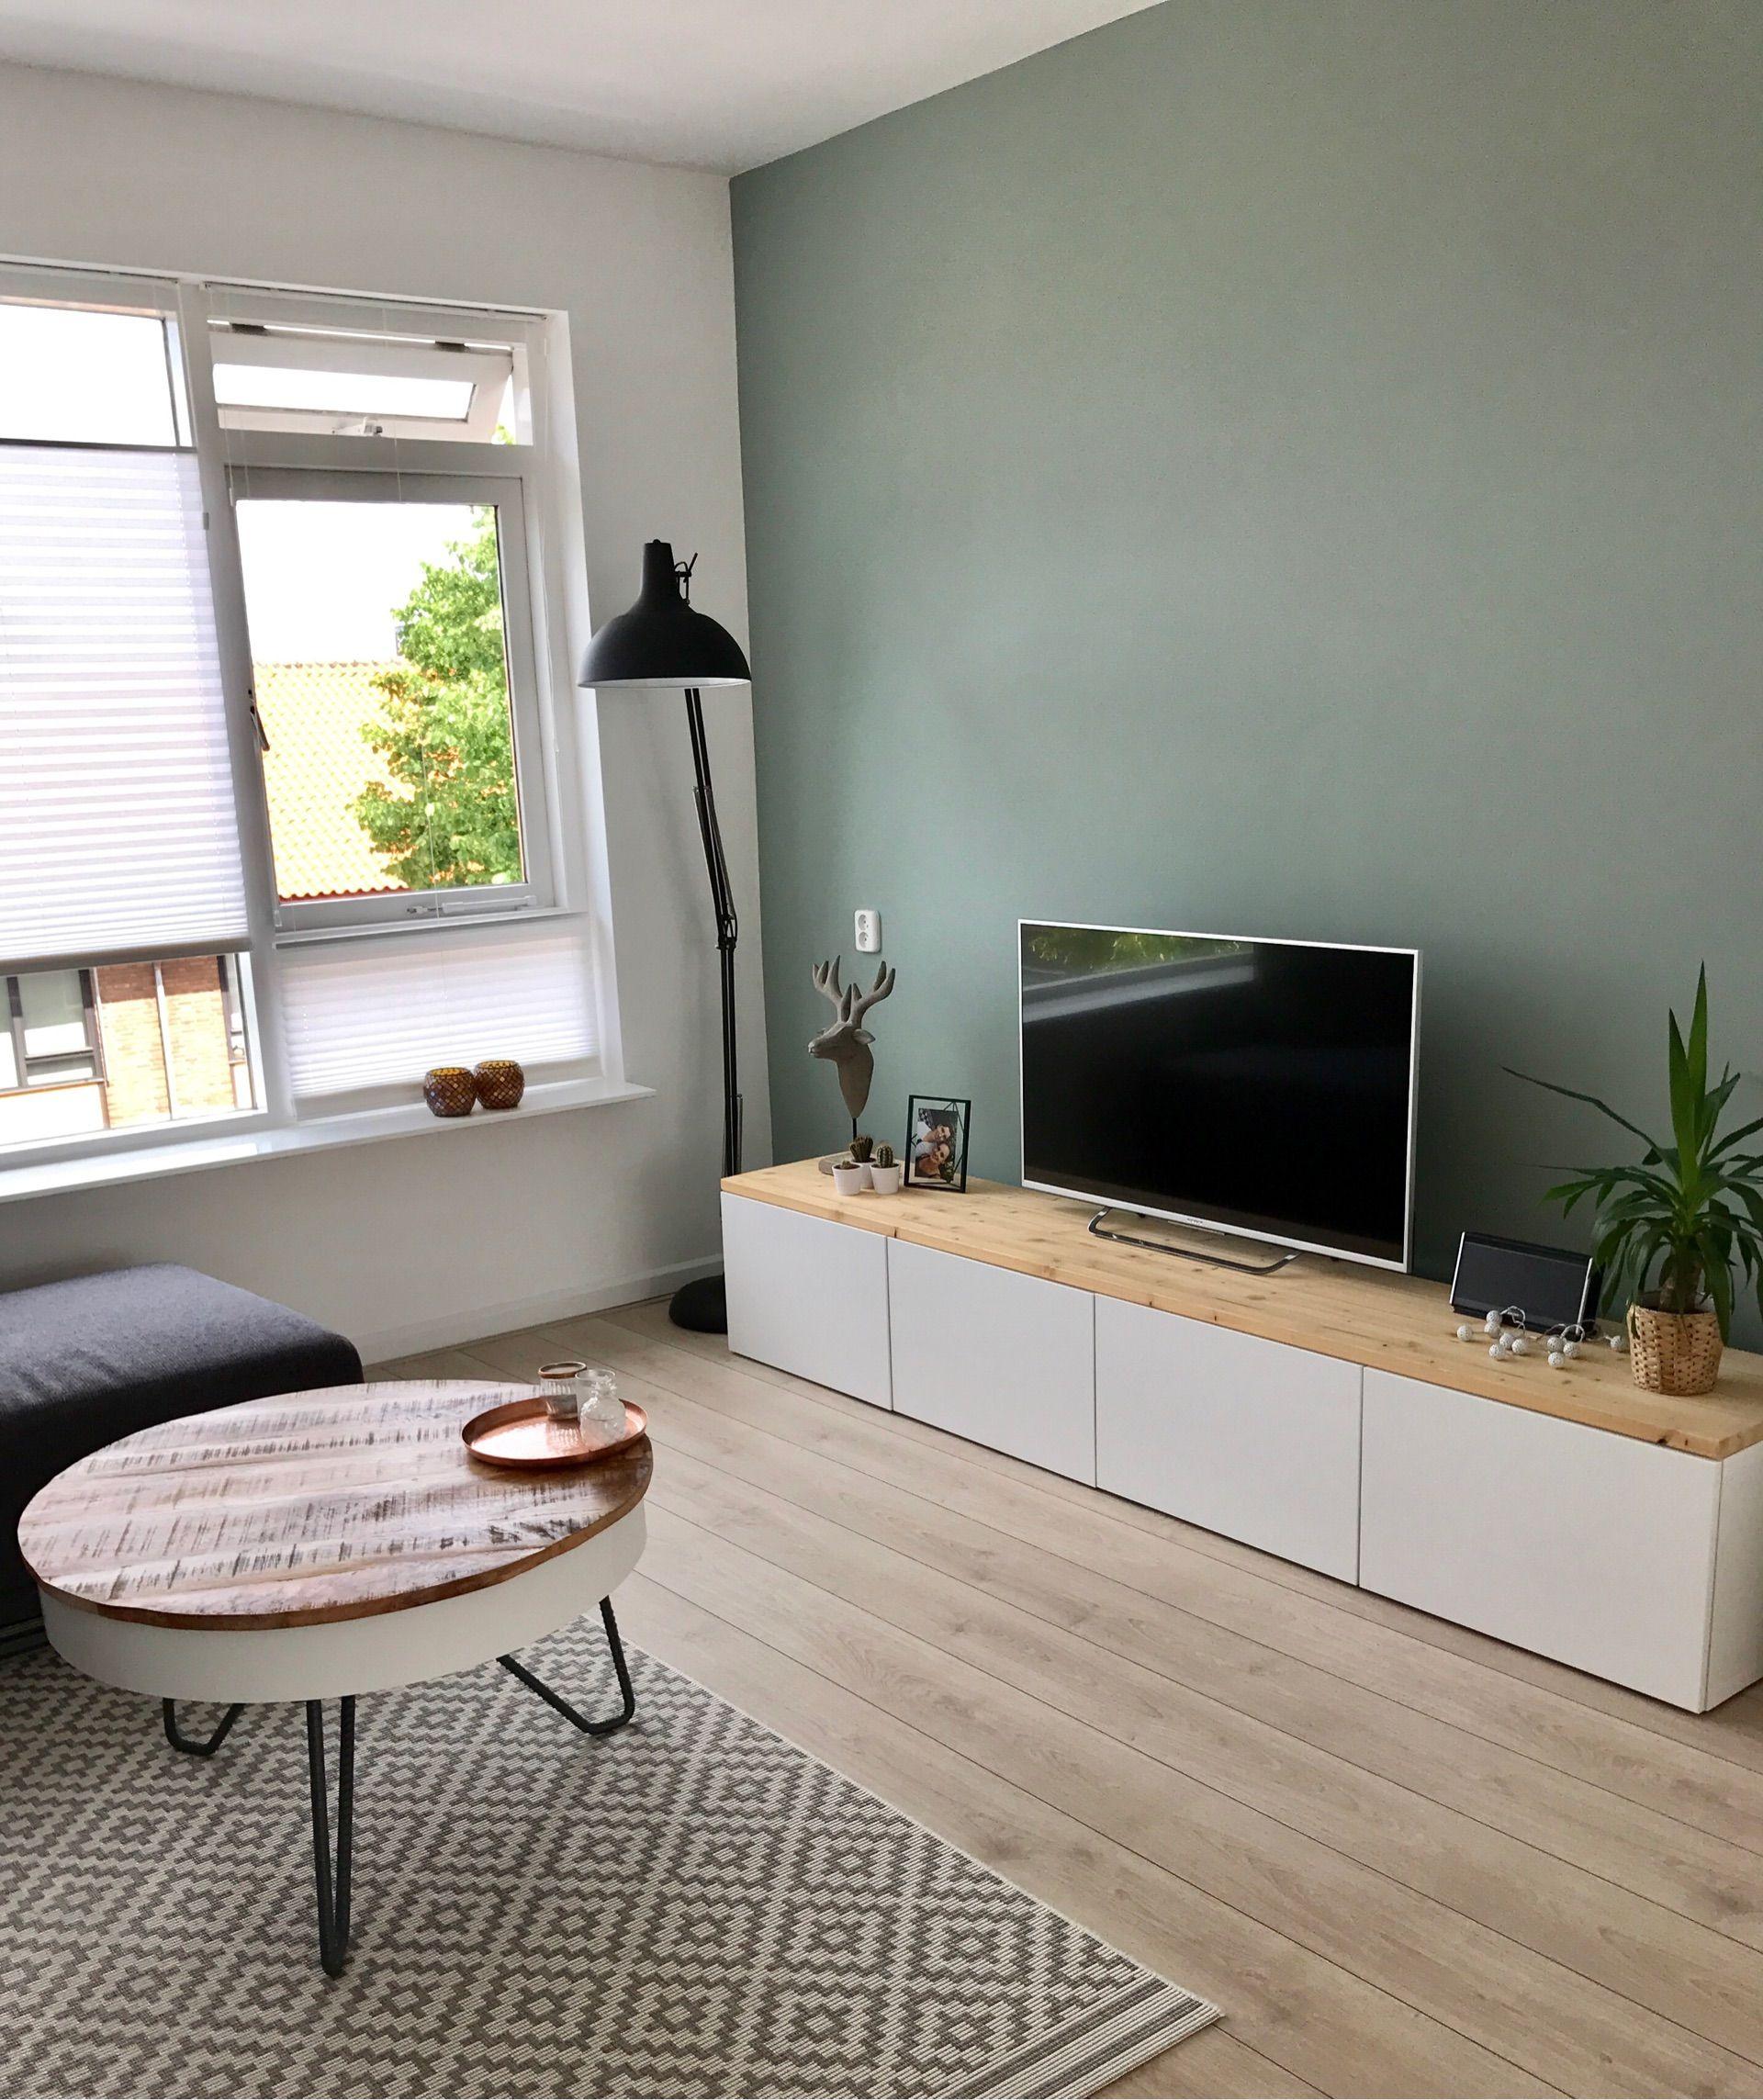 Woonkamer - Binnenkijken bij lisanne8 | Wohnzimmer